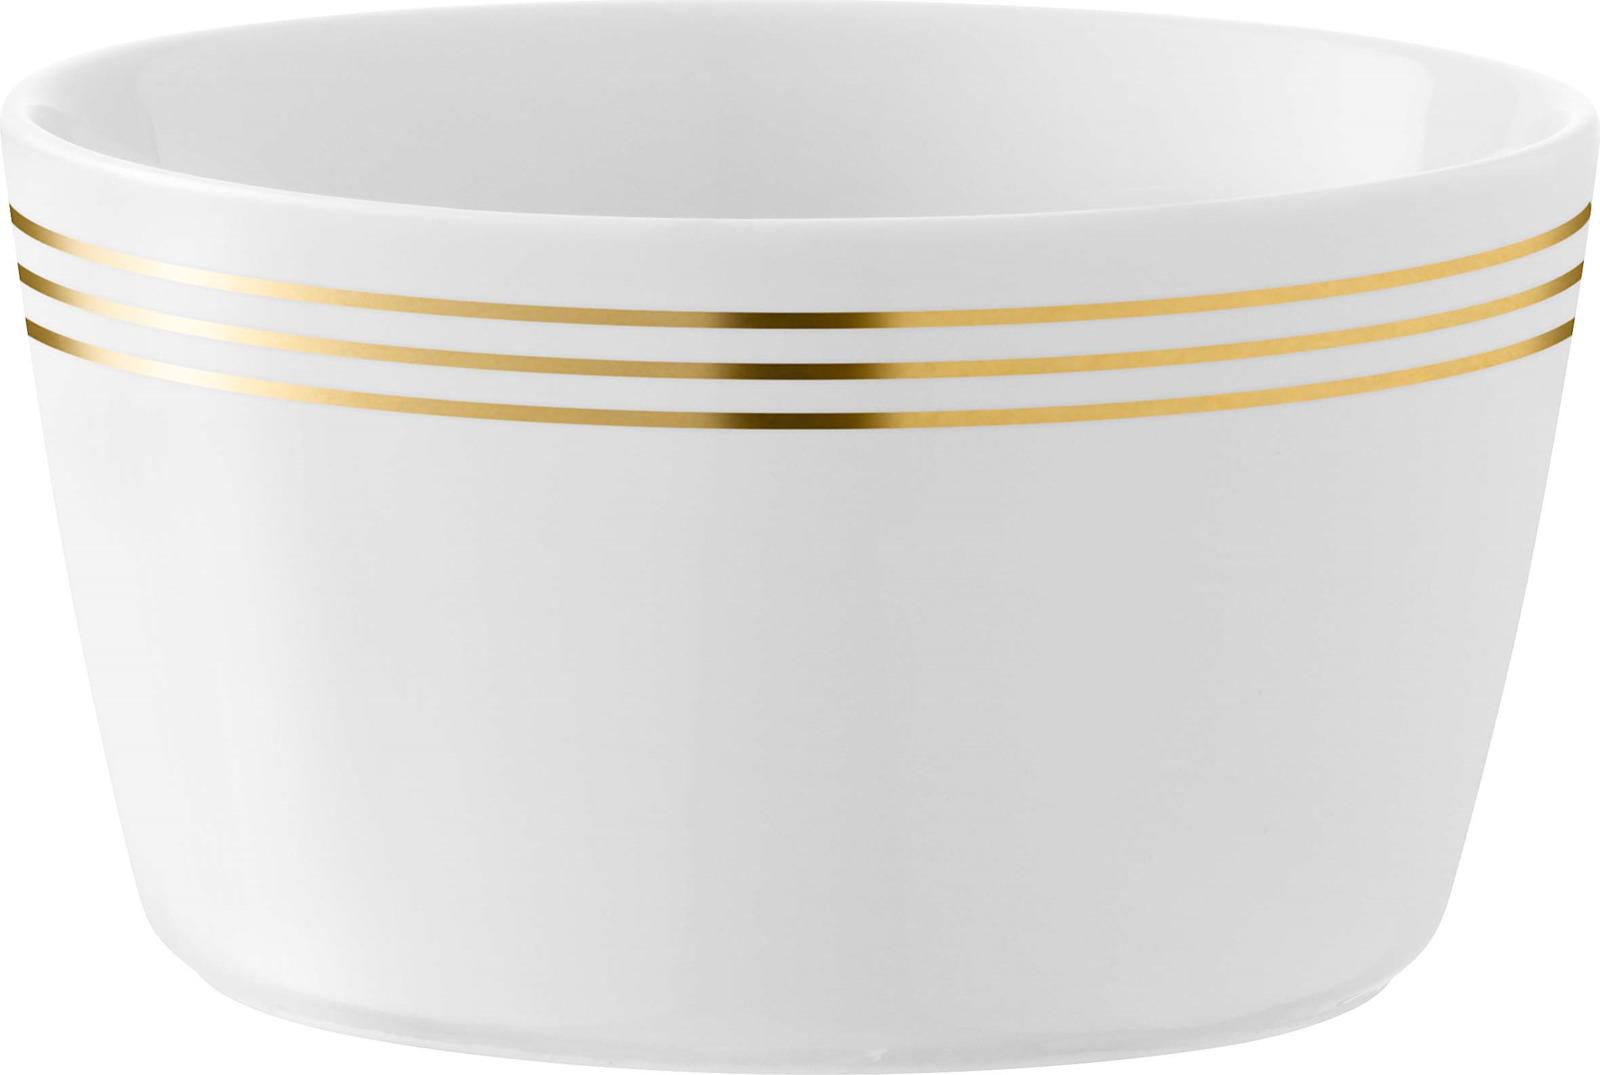 Набор мисок LSA Deco, цвет: золотистый, диаметр 13 см, 4 шт